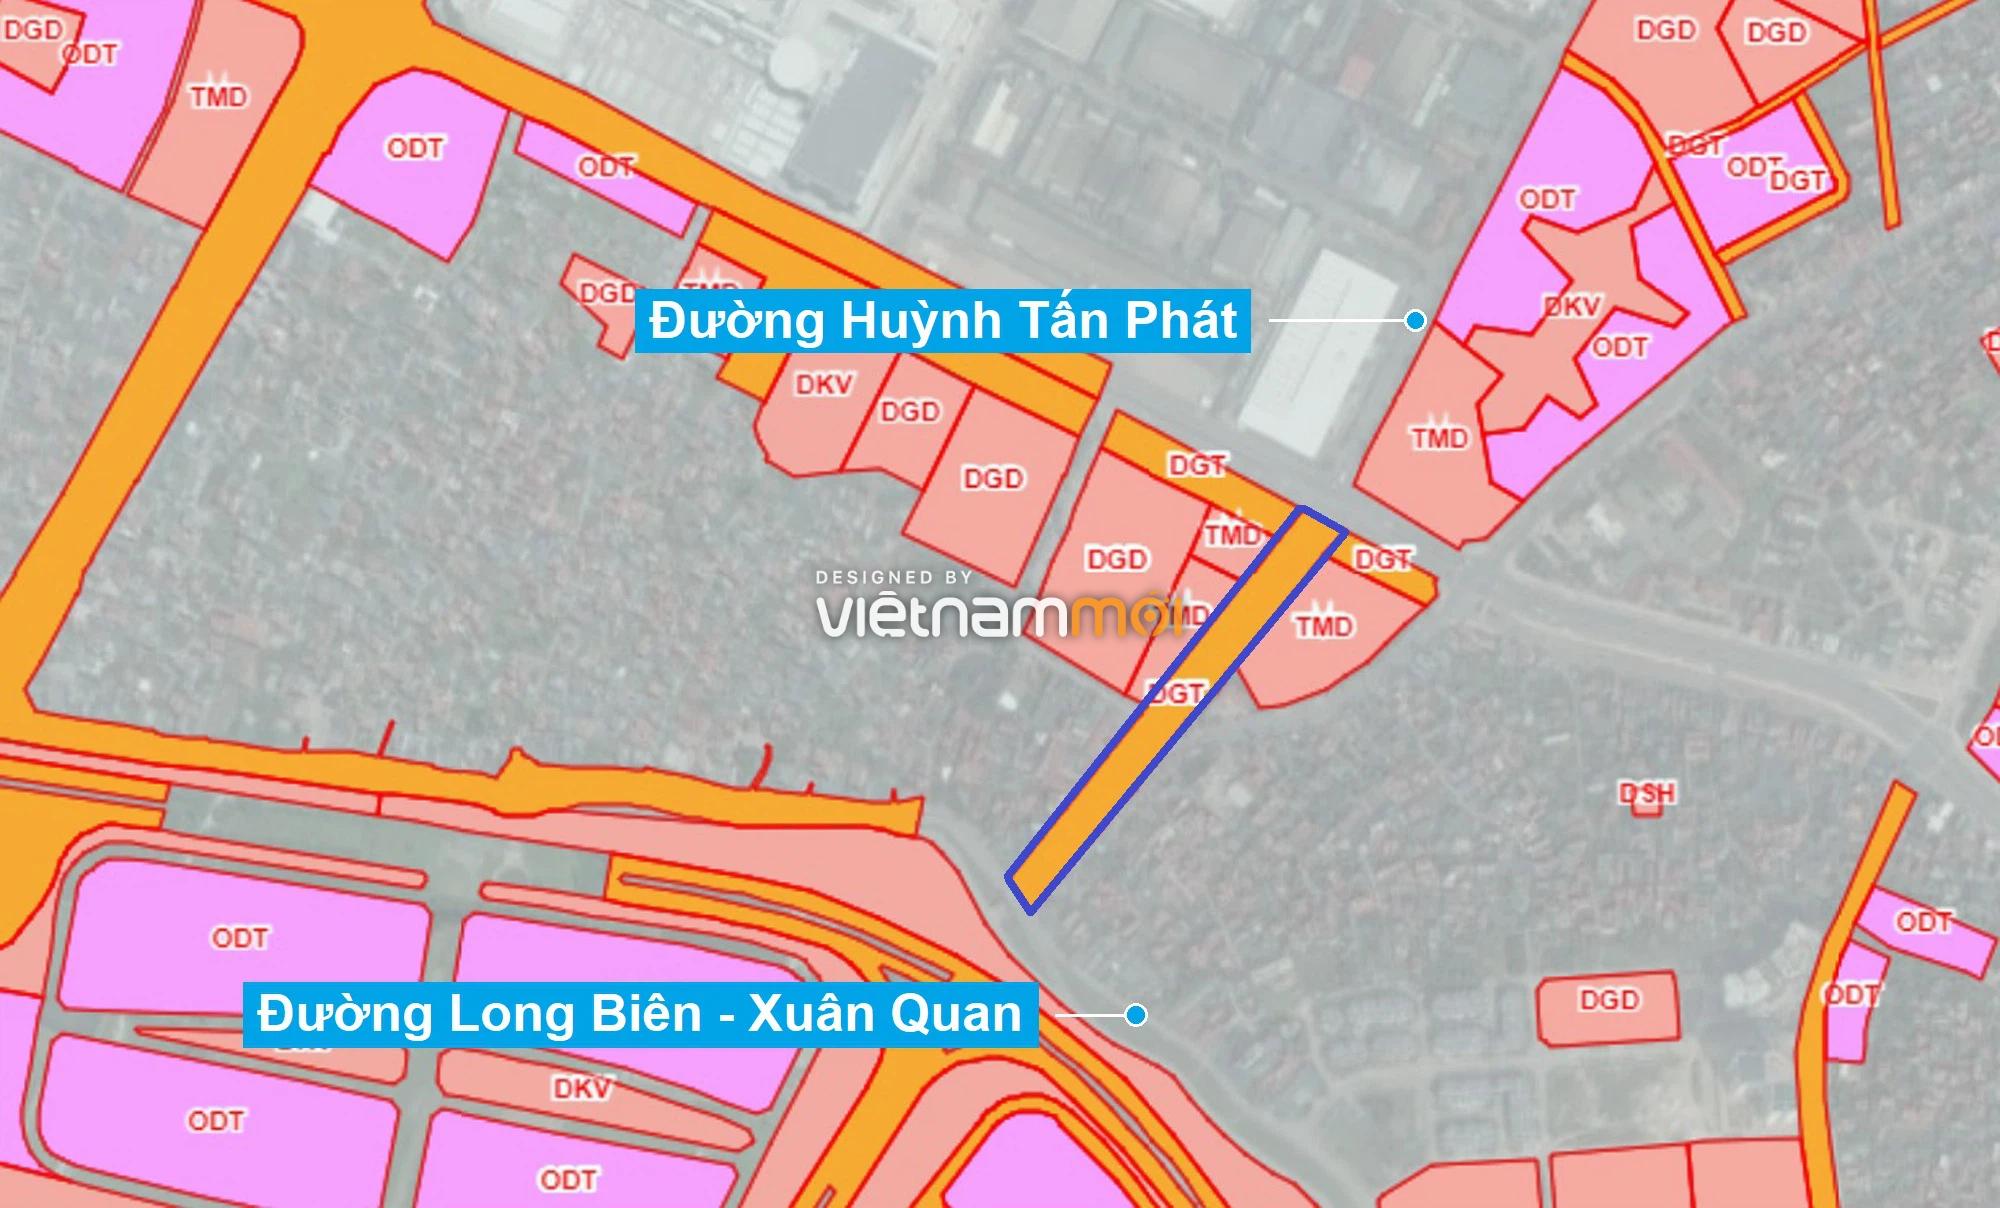 Những khu đất sắp thu hồi để mở đường ở phường Long Biên, Long Biên, Hà Nội (phần 4) - Ảnh 1.